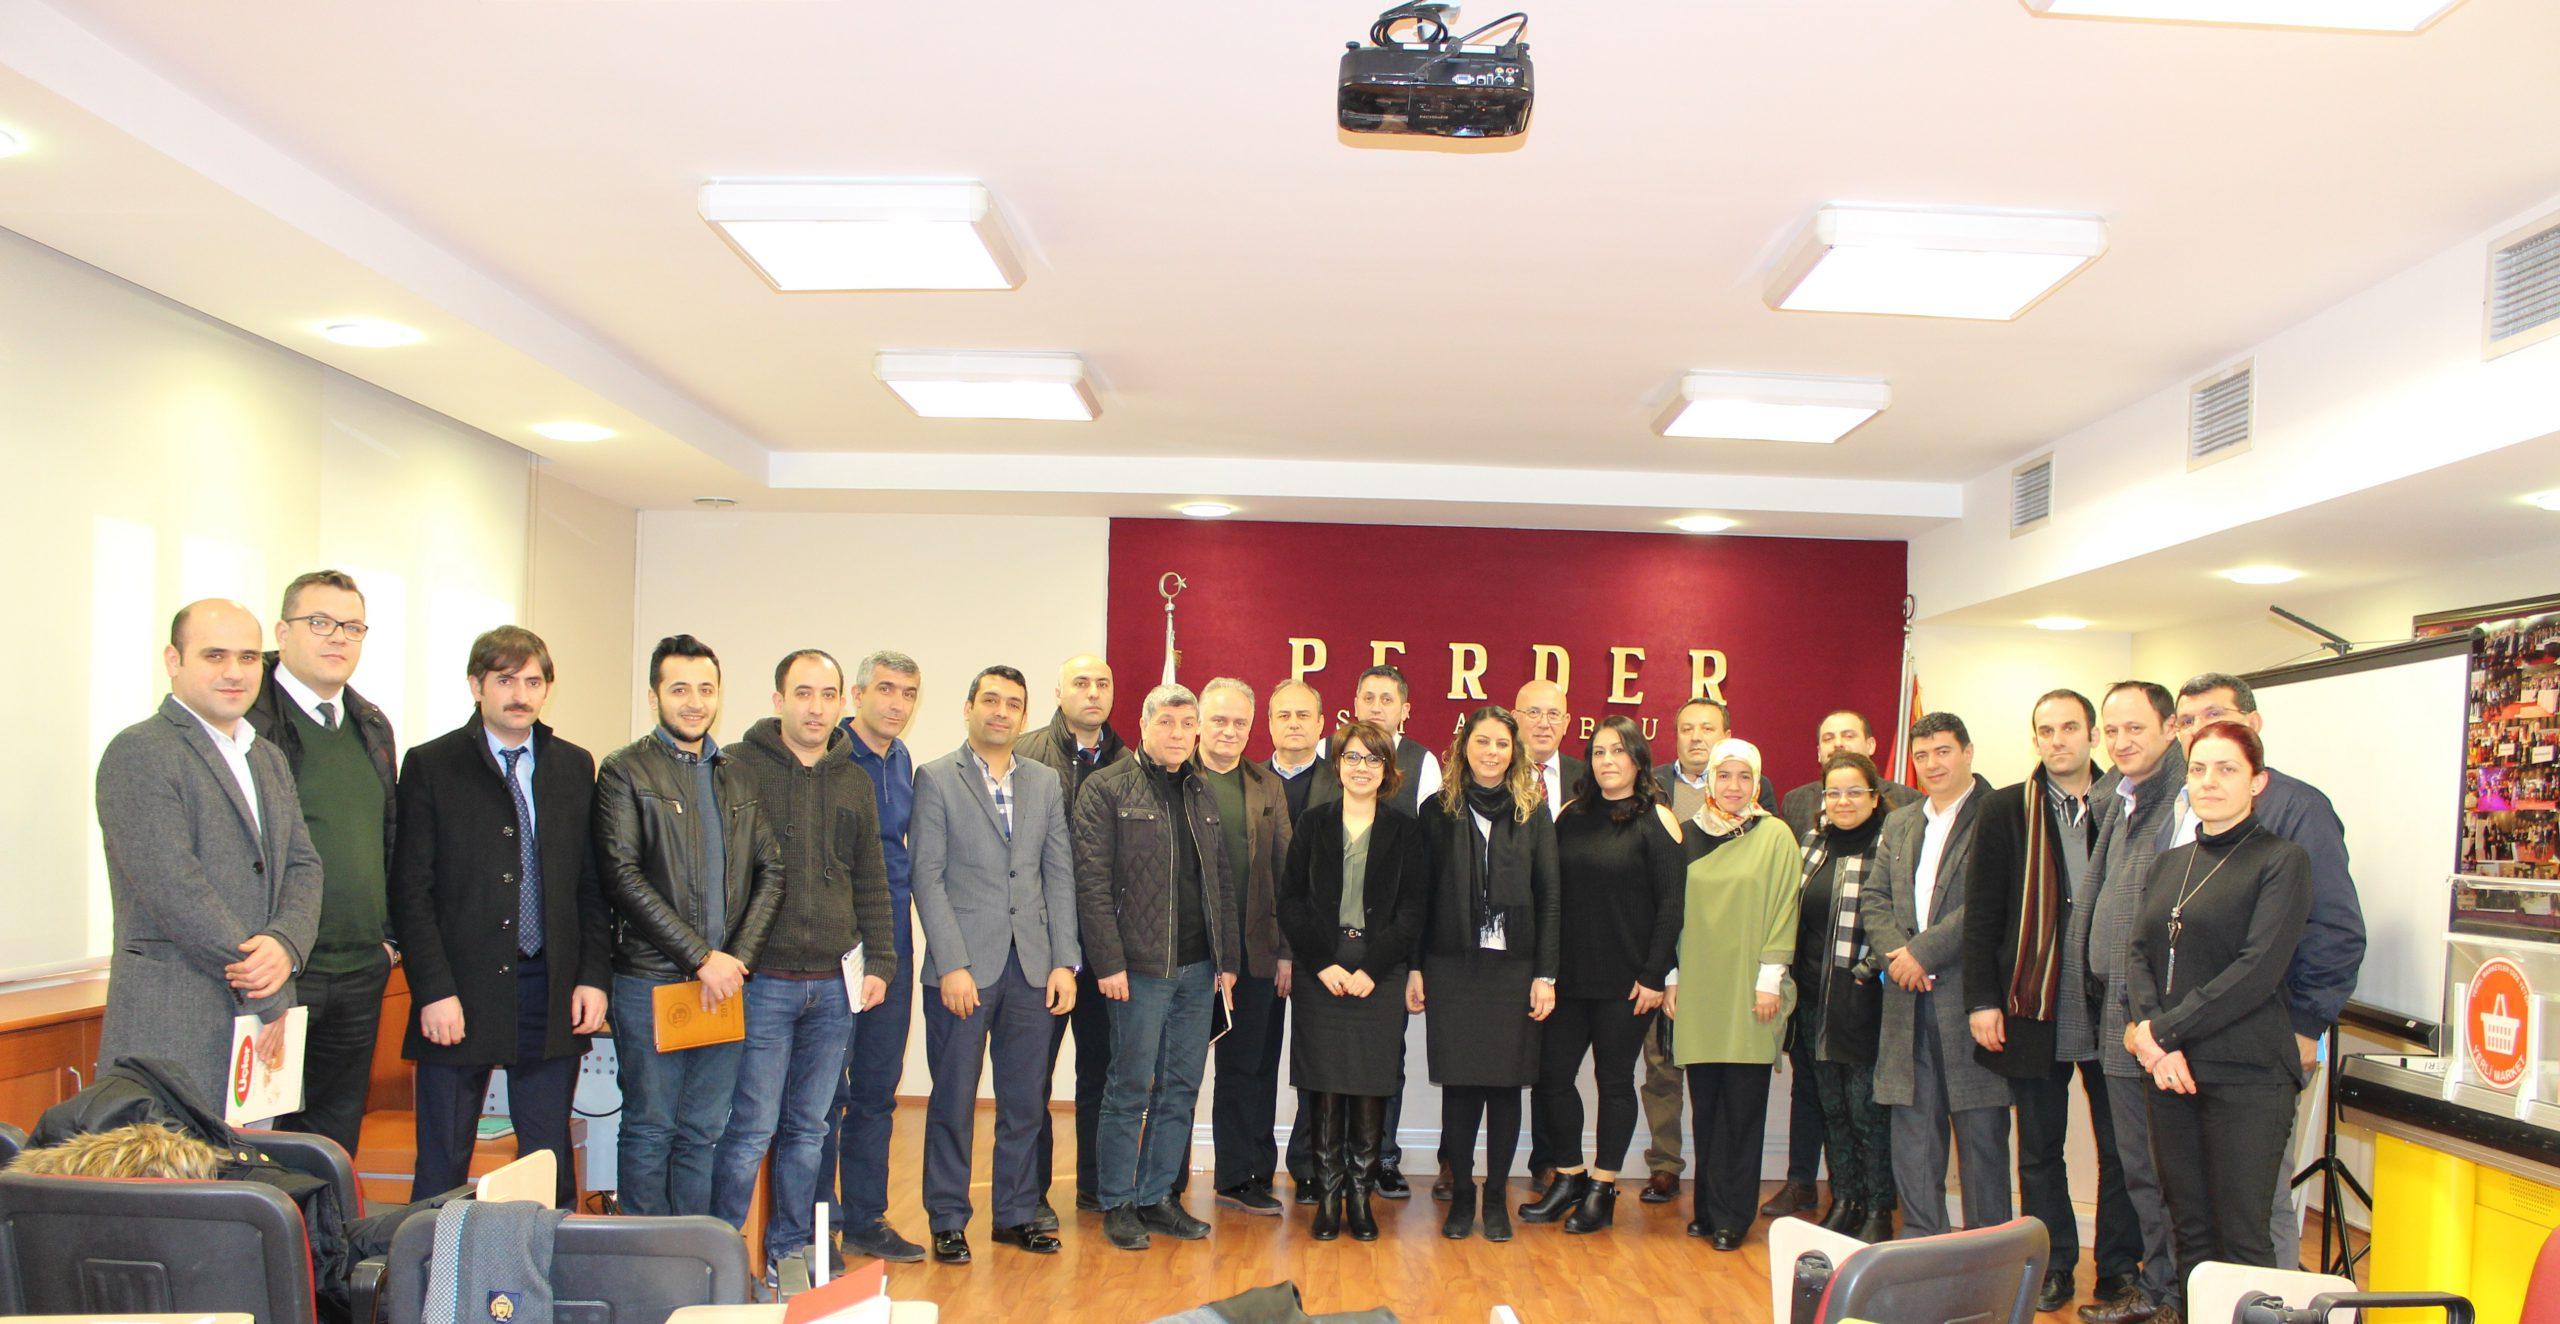 istanbul-perder-uyelerine-yeni-yasal-duzenlemeler-anlatildi-1